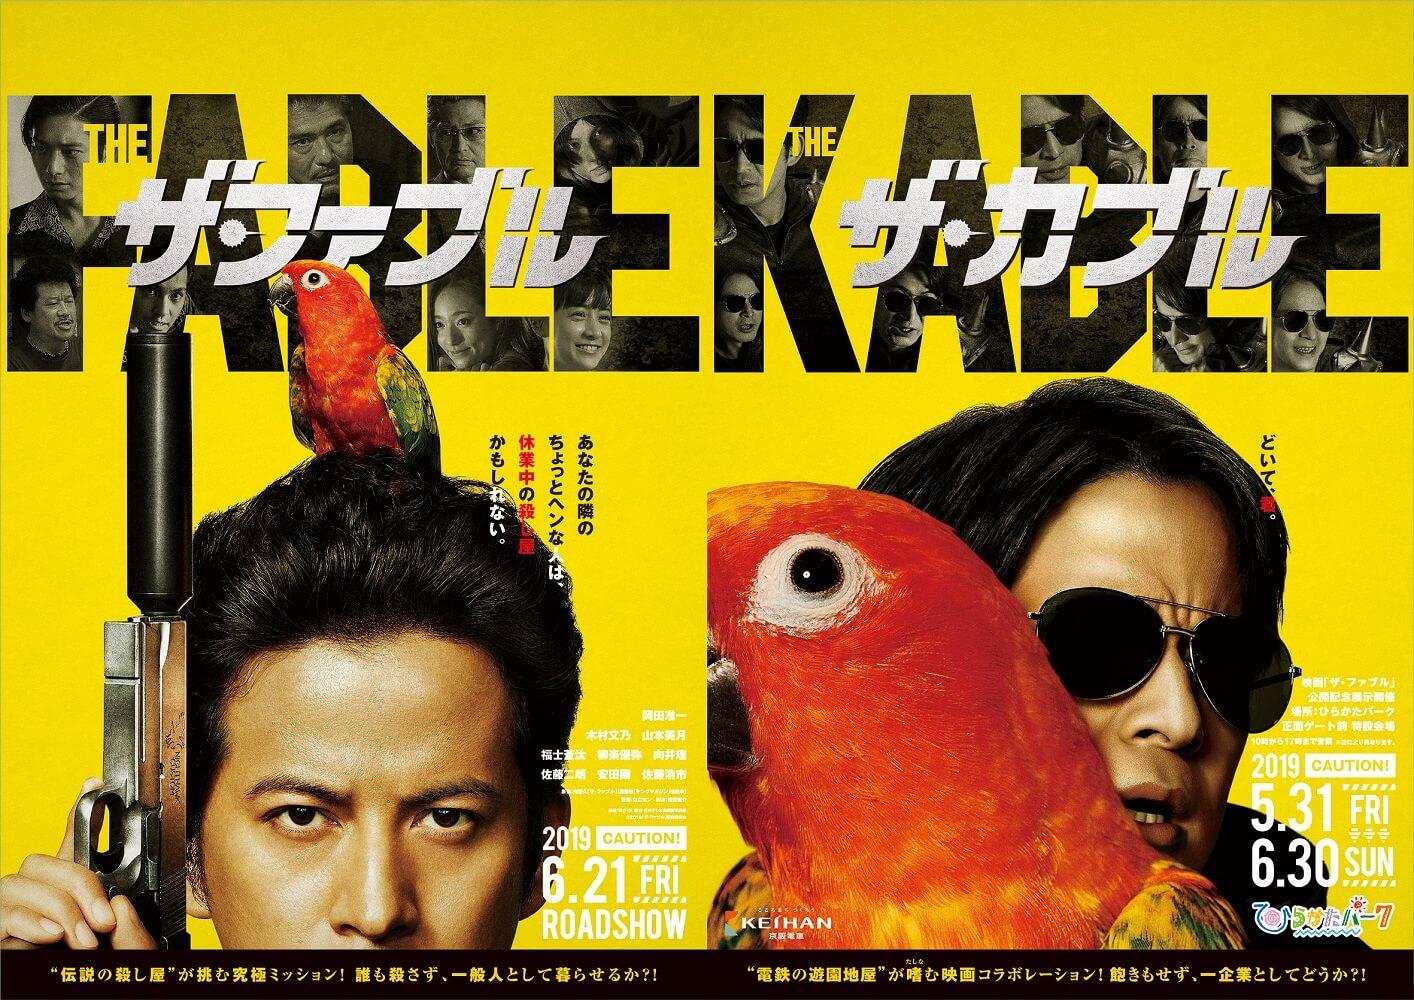 岡田准一主演映画「ザ・ファブル」とひらかたパークが期間限定のコラボレーション企画を実施サムネイル画像